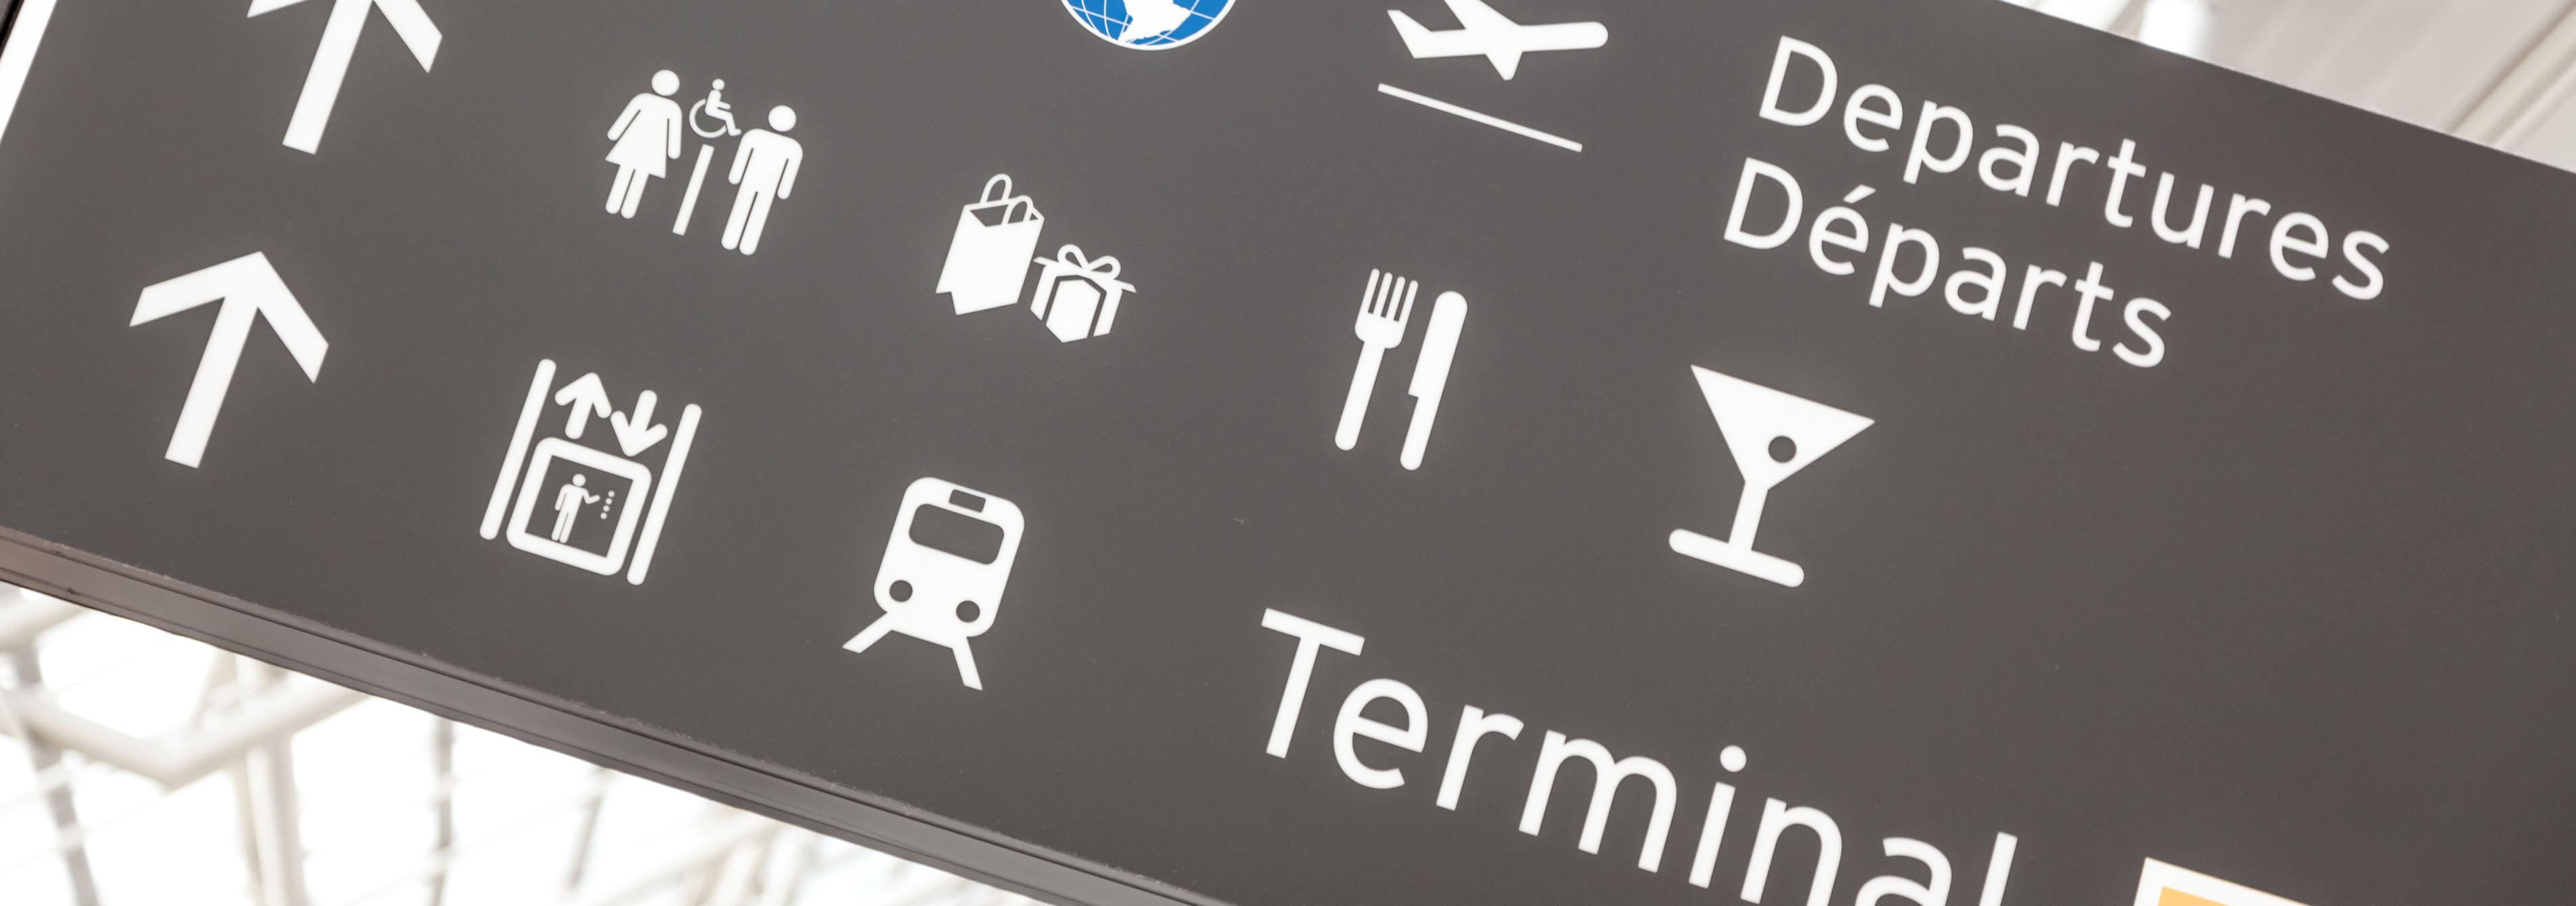 signe d'aéroport